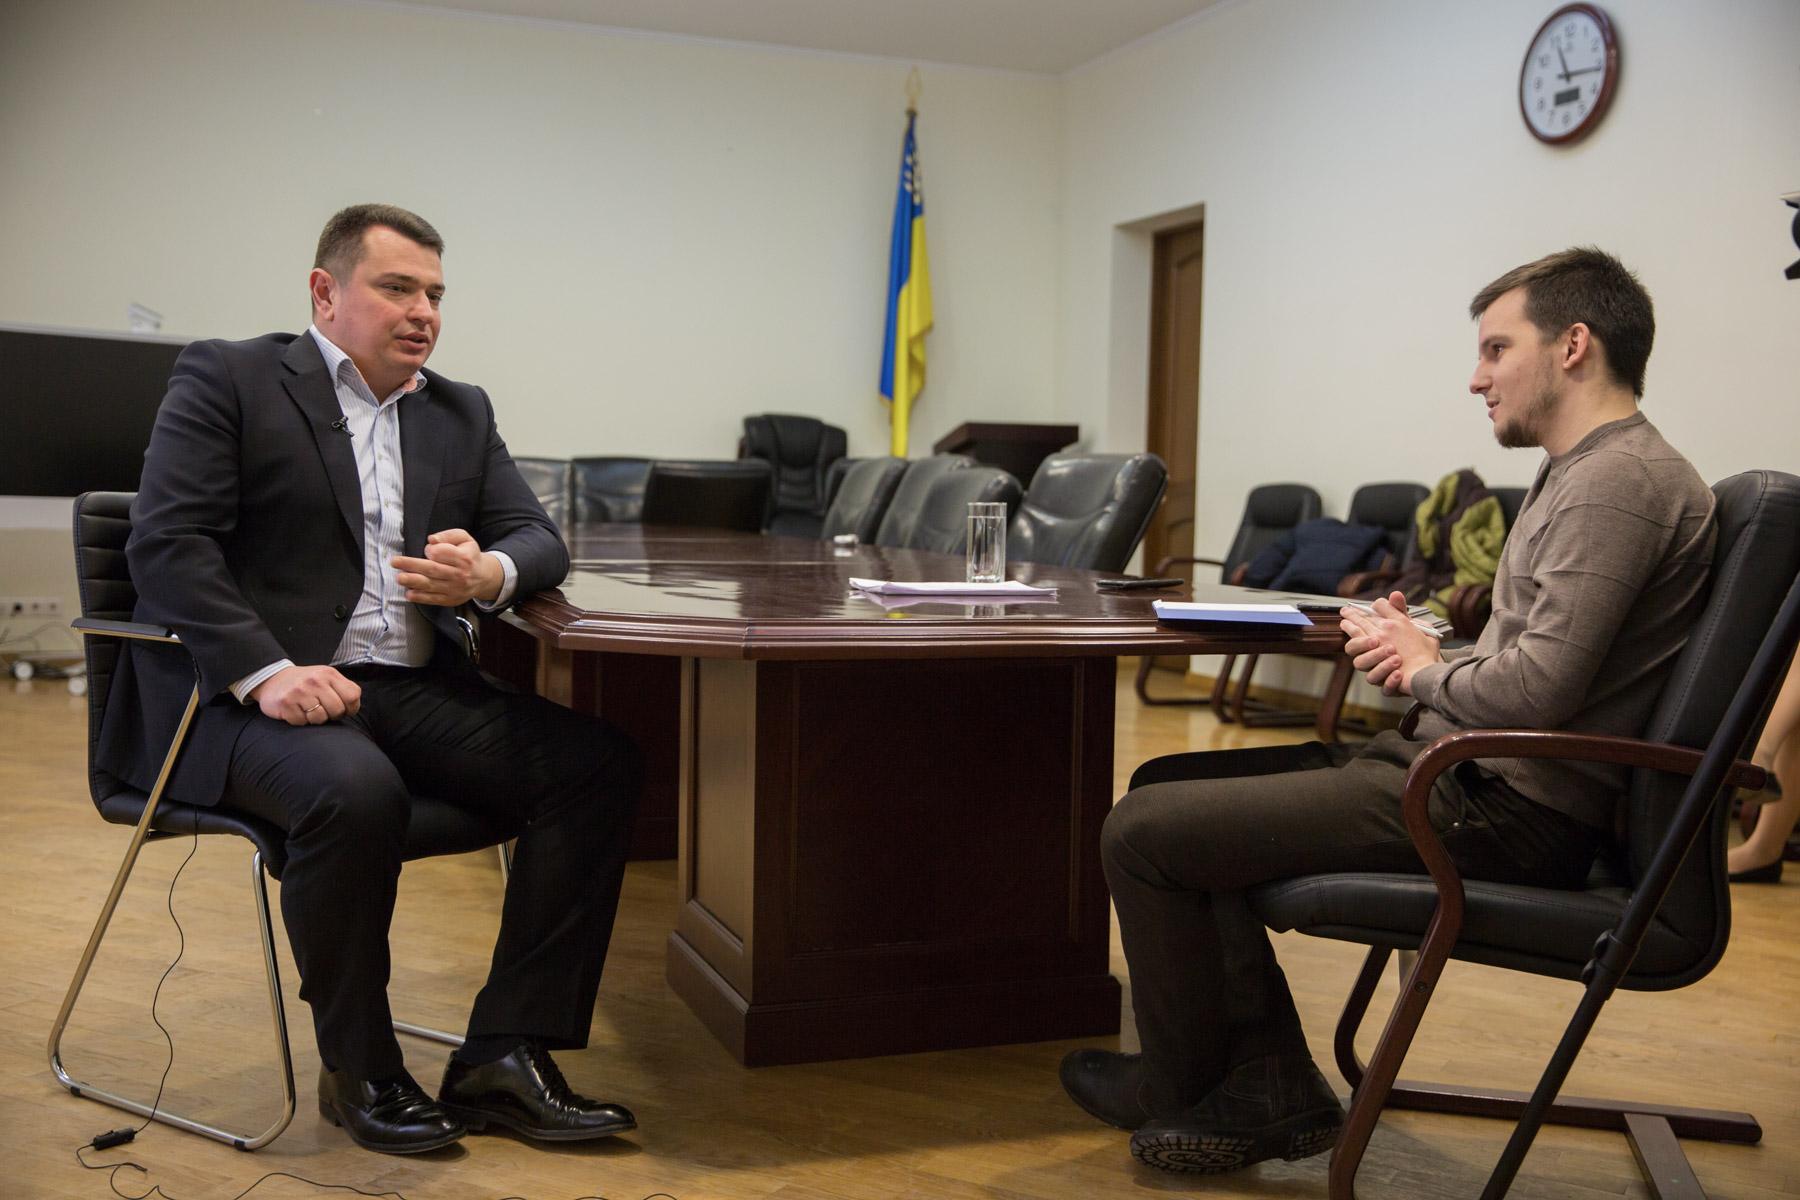 Артем Ситник (фото - прес-служба НАБУ)